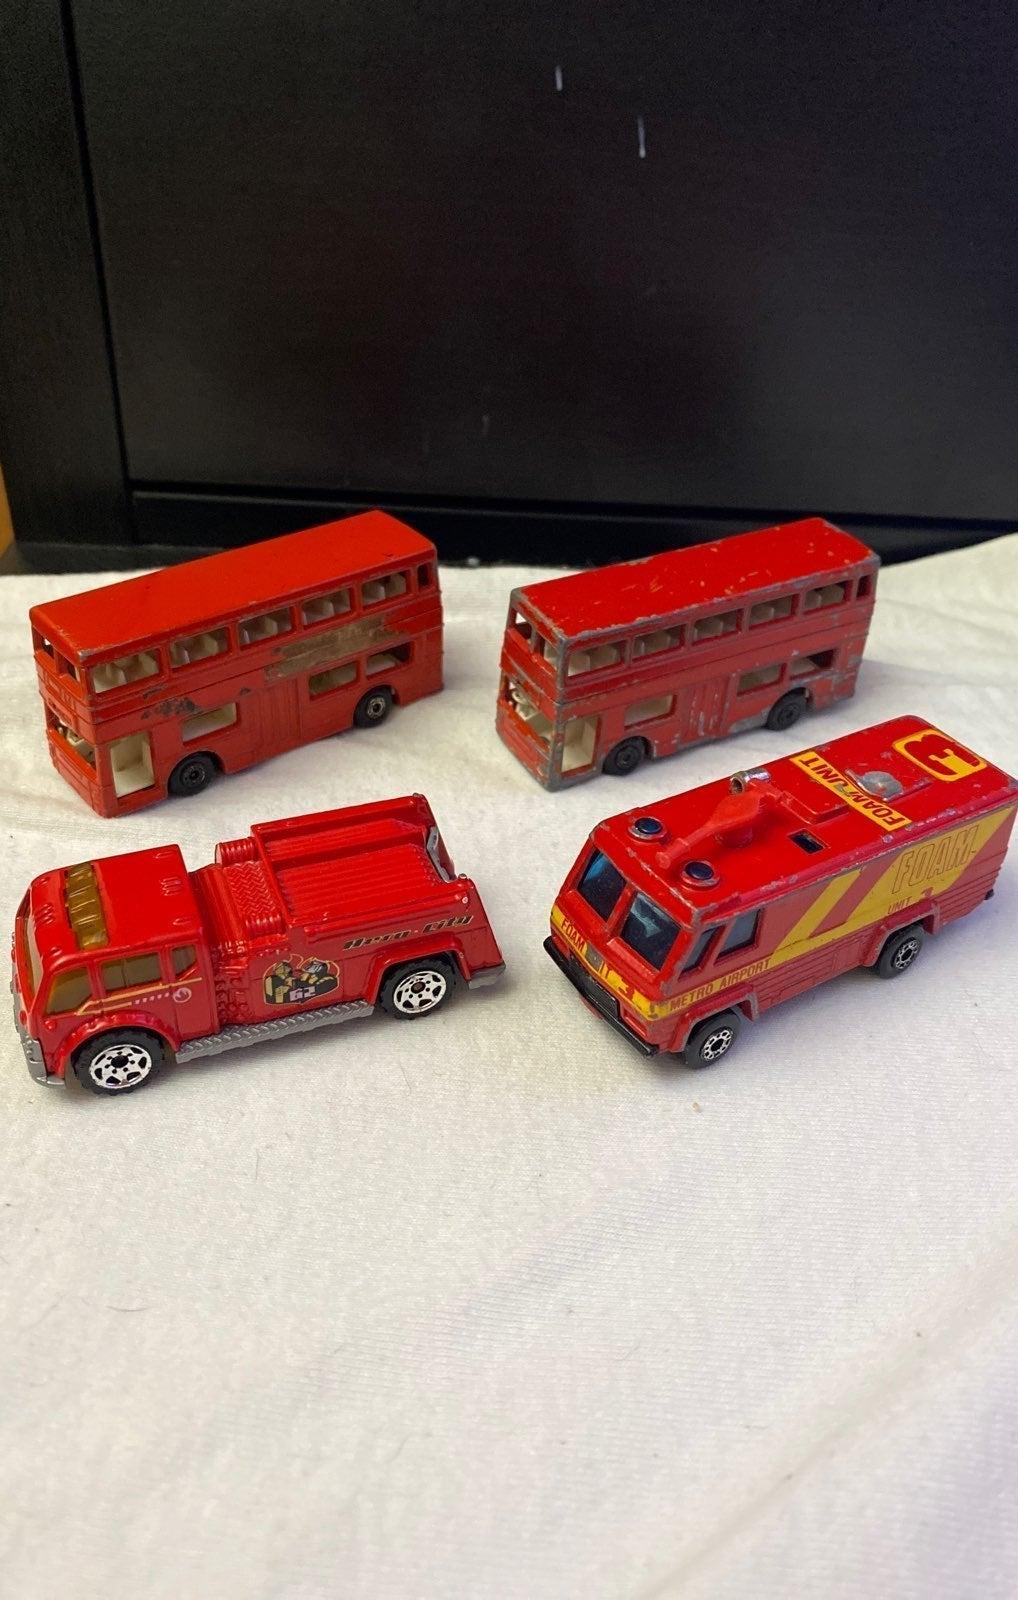 Vintage Matchbox Double Decker Buses